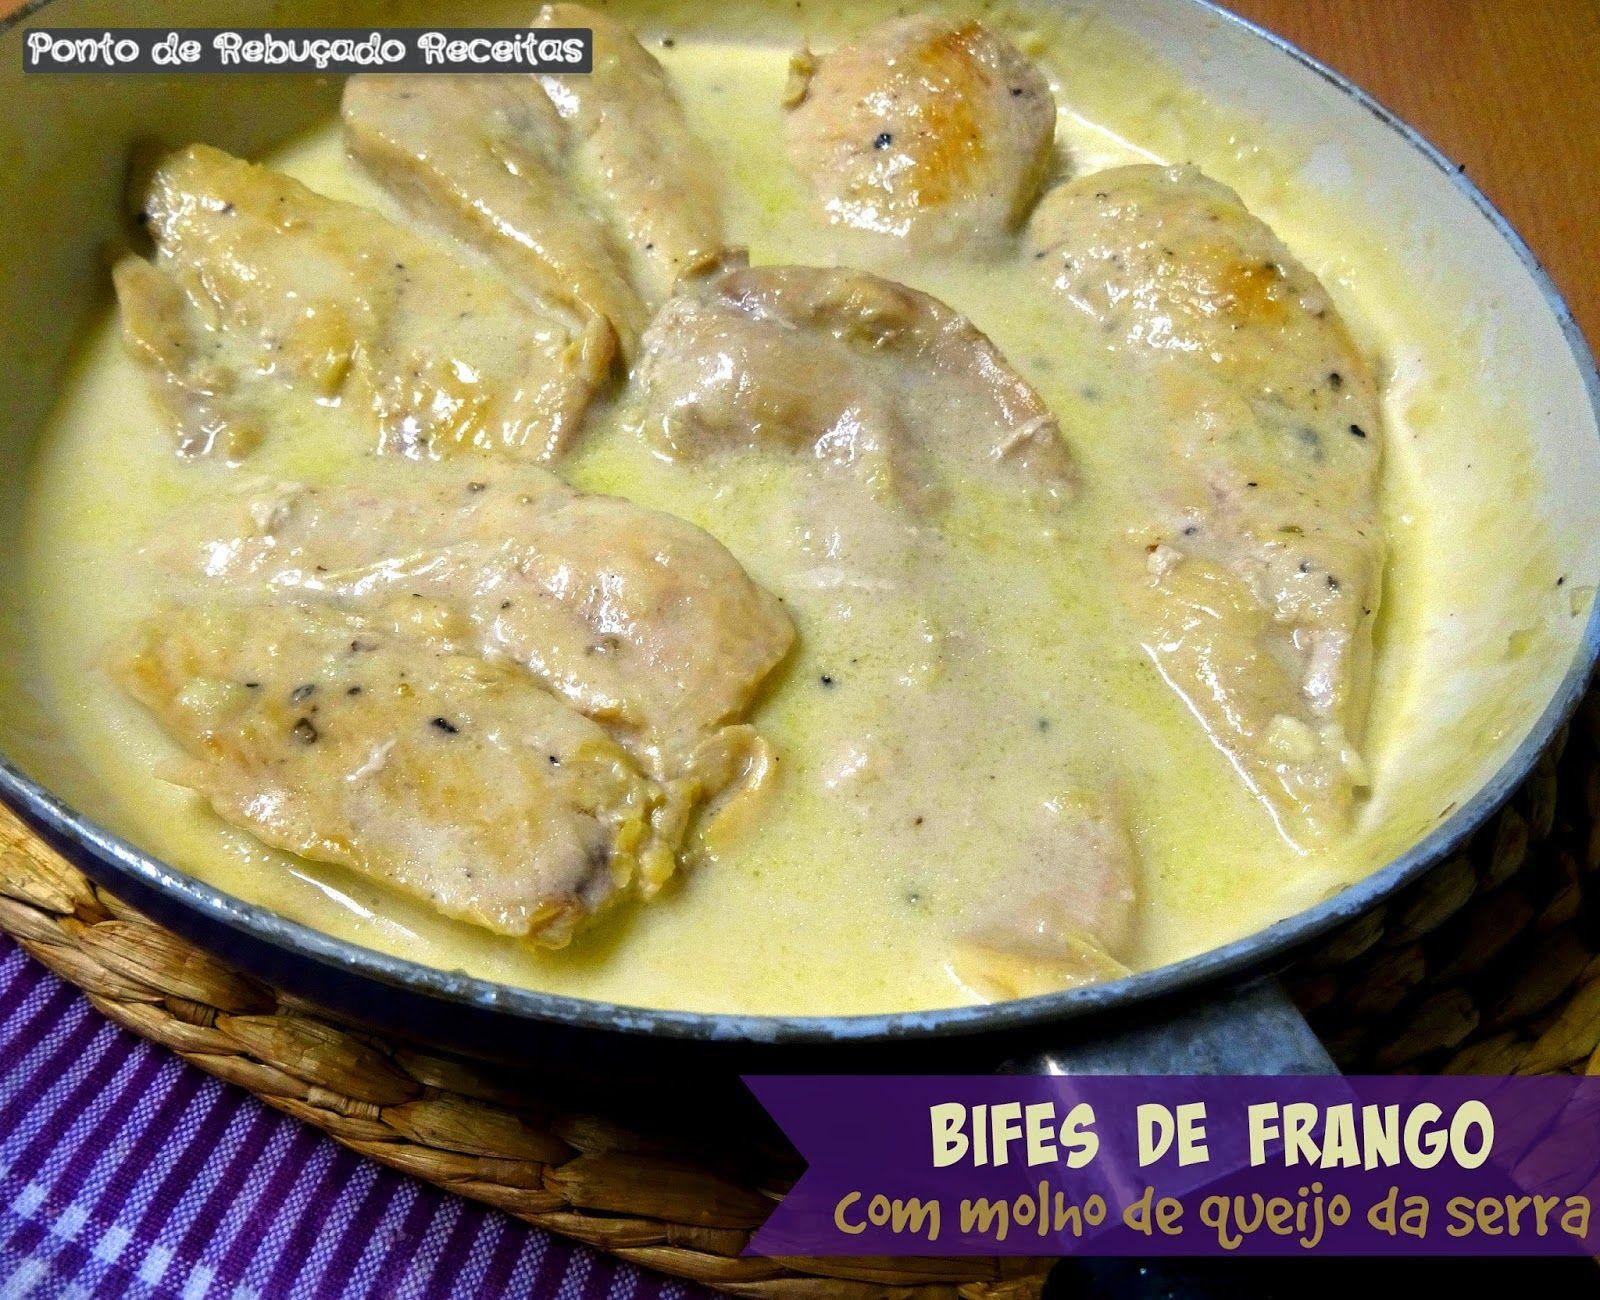 Bifinhos de frango com molho de queijo da serra